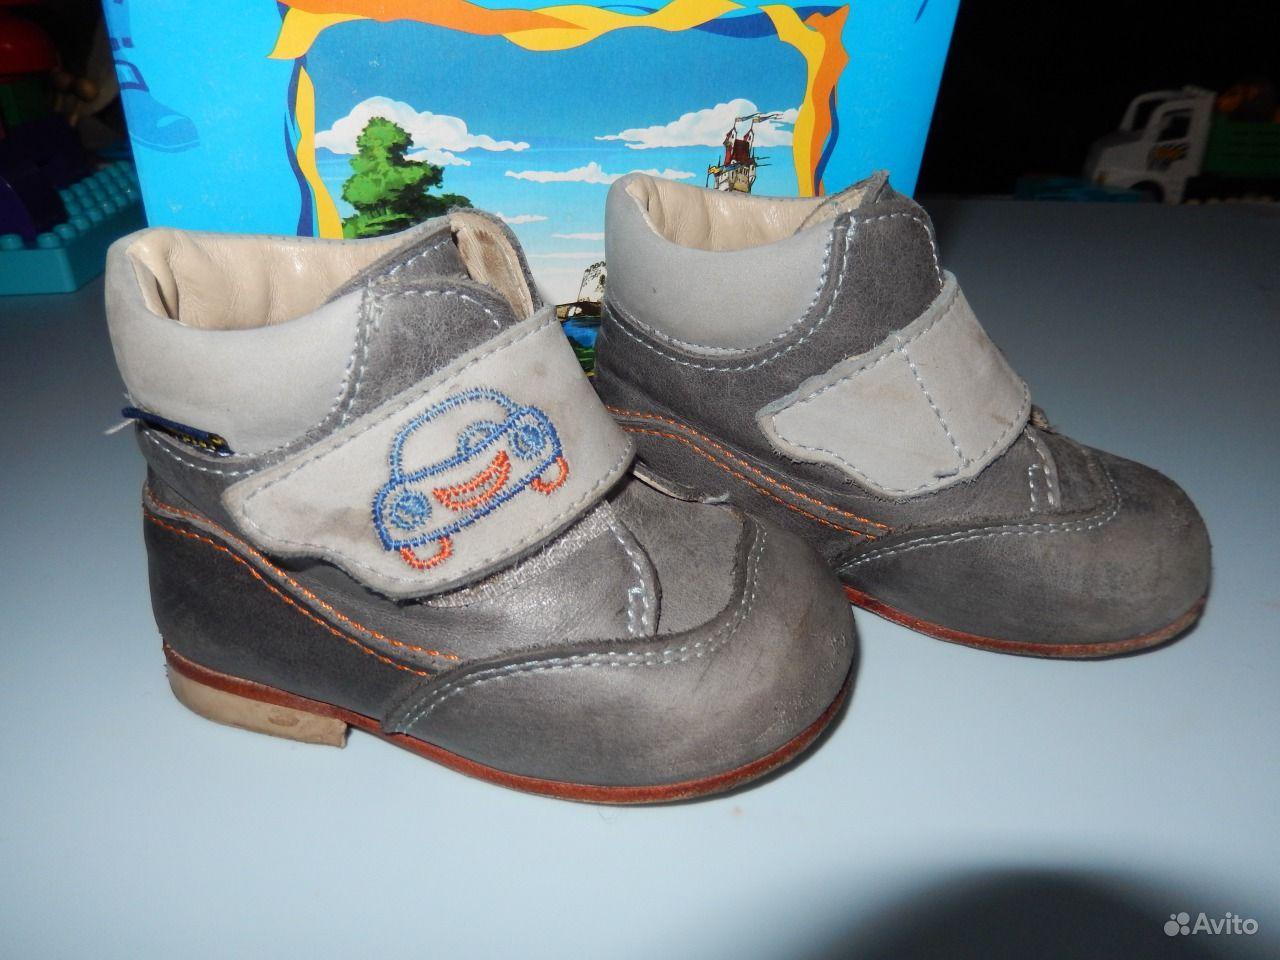 Первые шаги - первая детская обувь малыша - Котофей